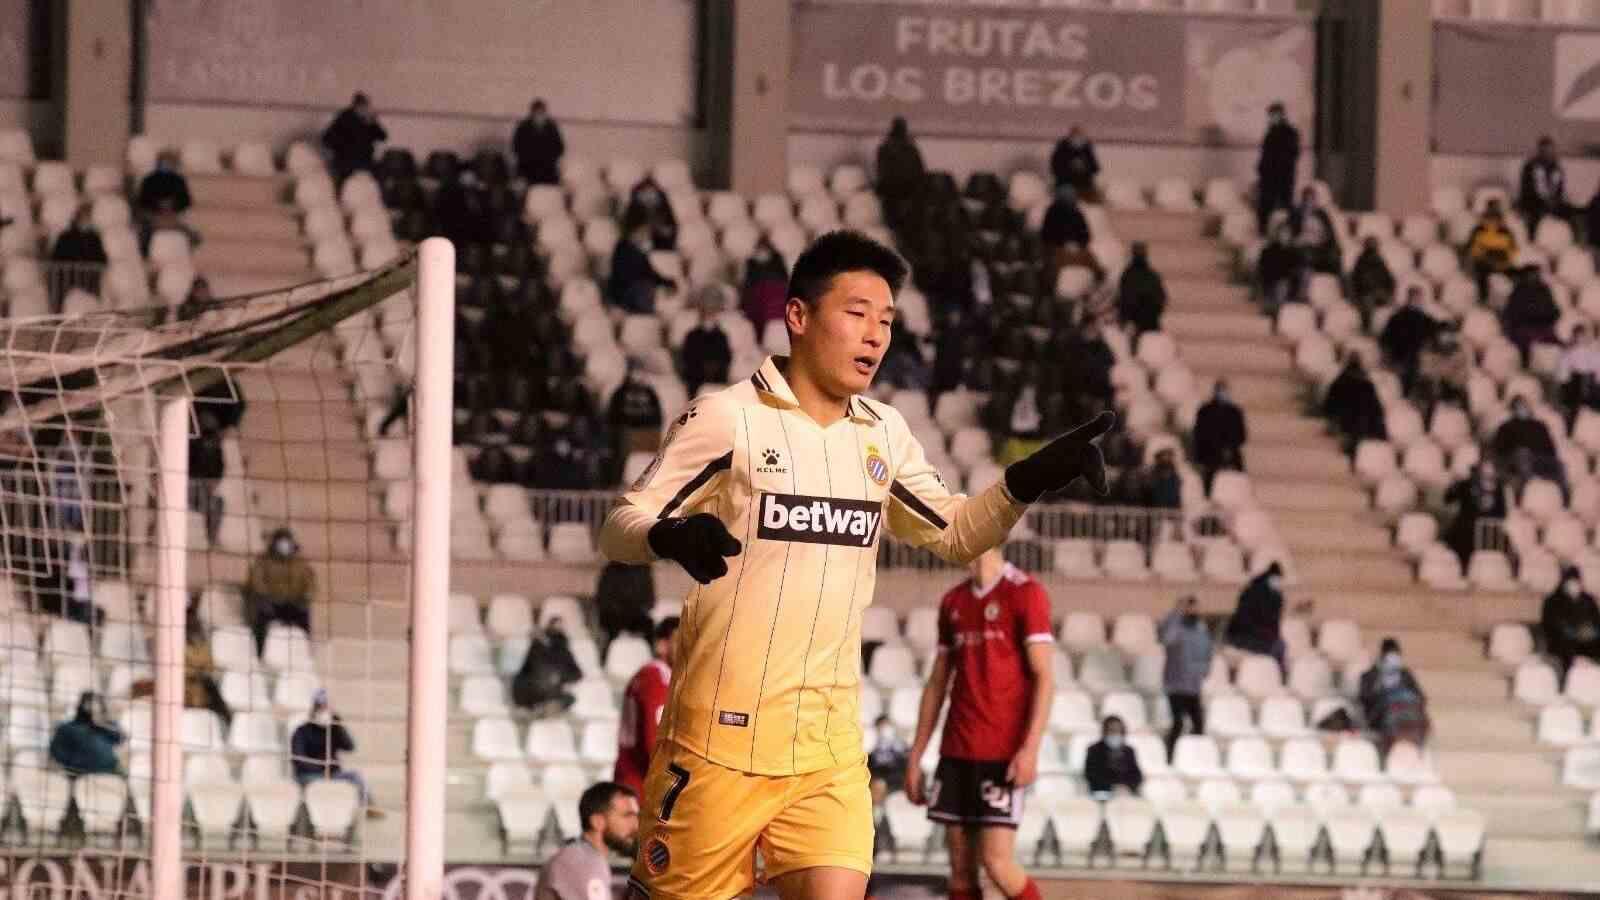 又吹上了?武磊好不容易打进一球 沪媒称他是亚洲球员的榜样!